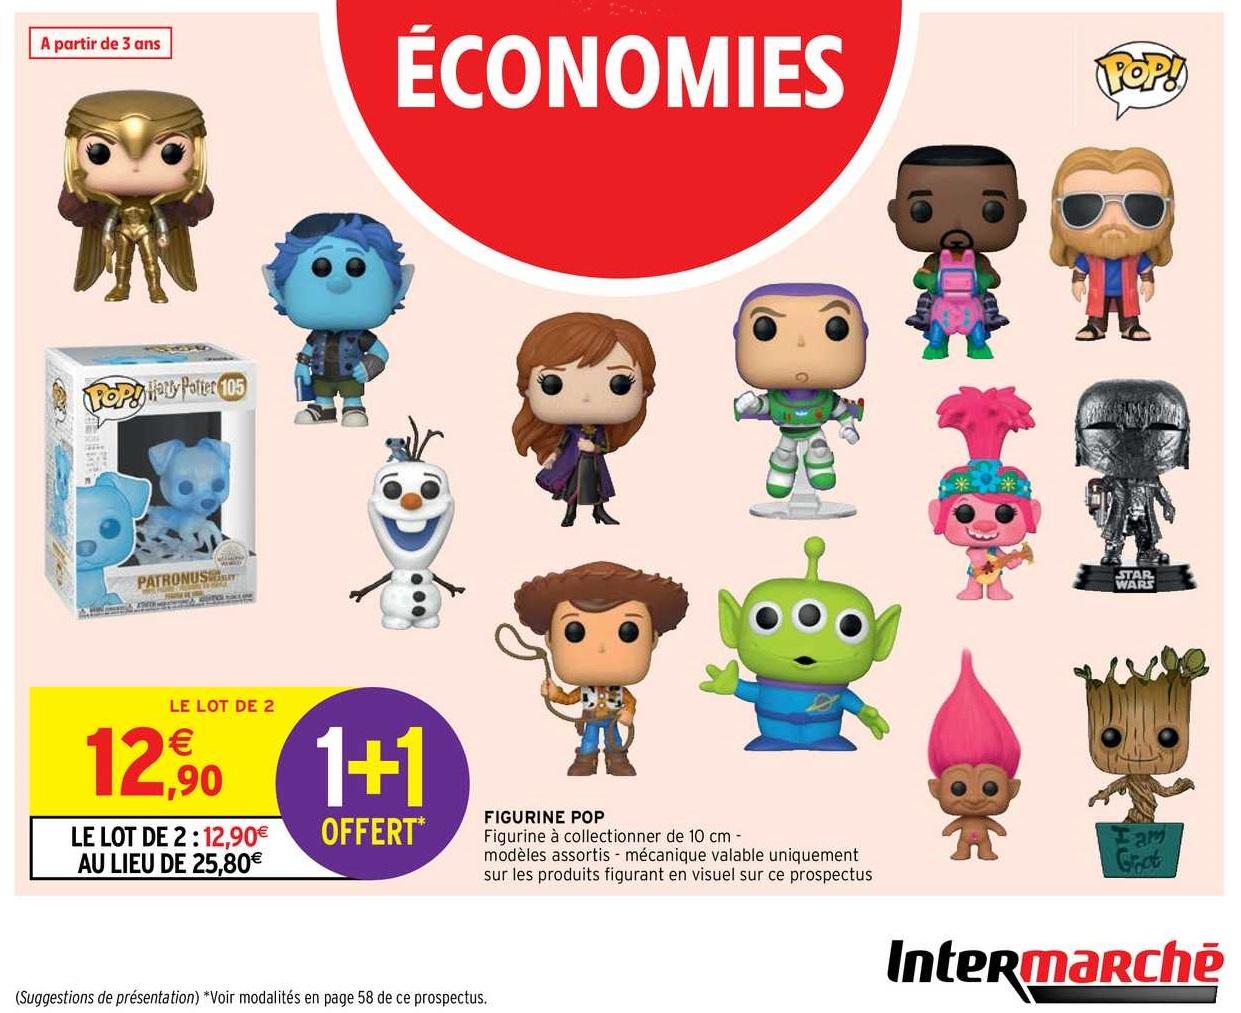 1 Figurine Pop! achetée = 1 offerte (magasins participants)